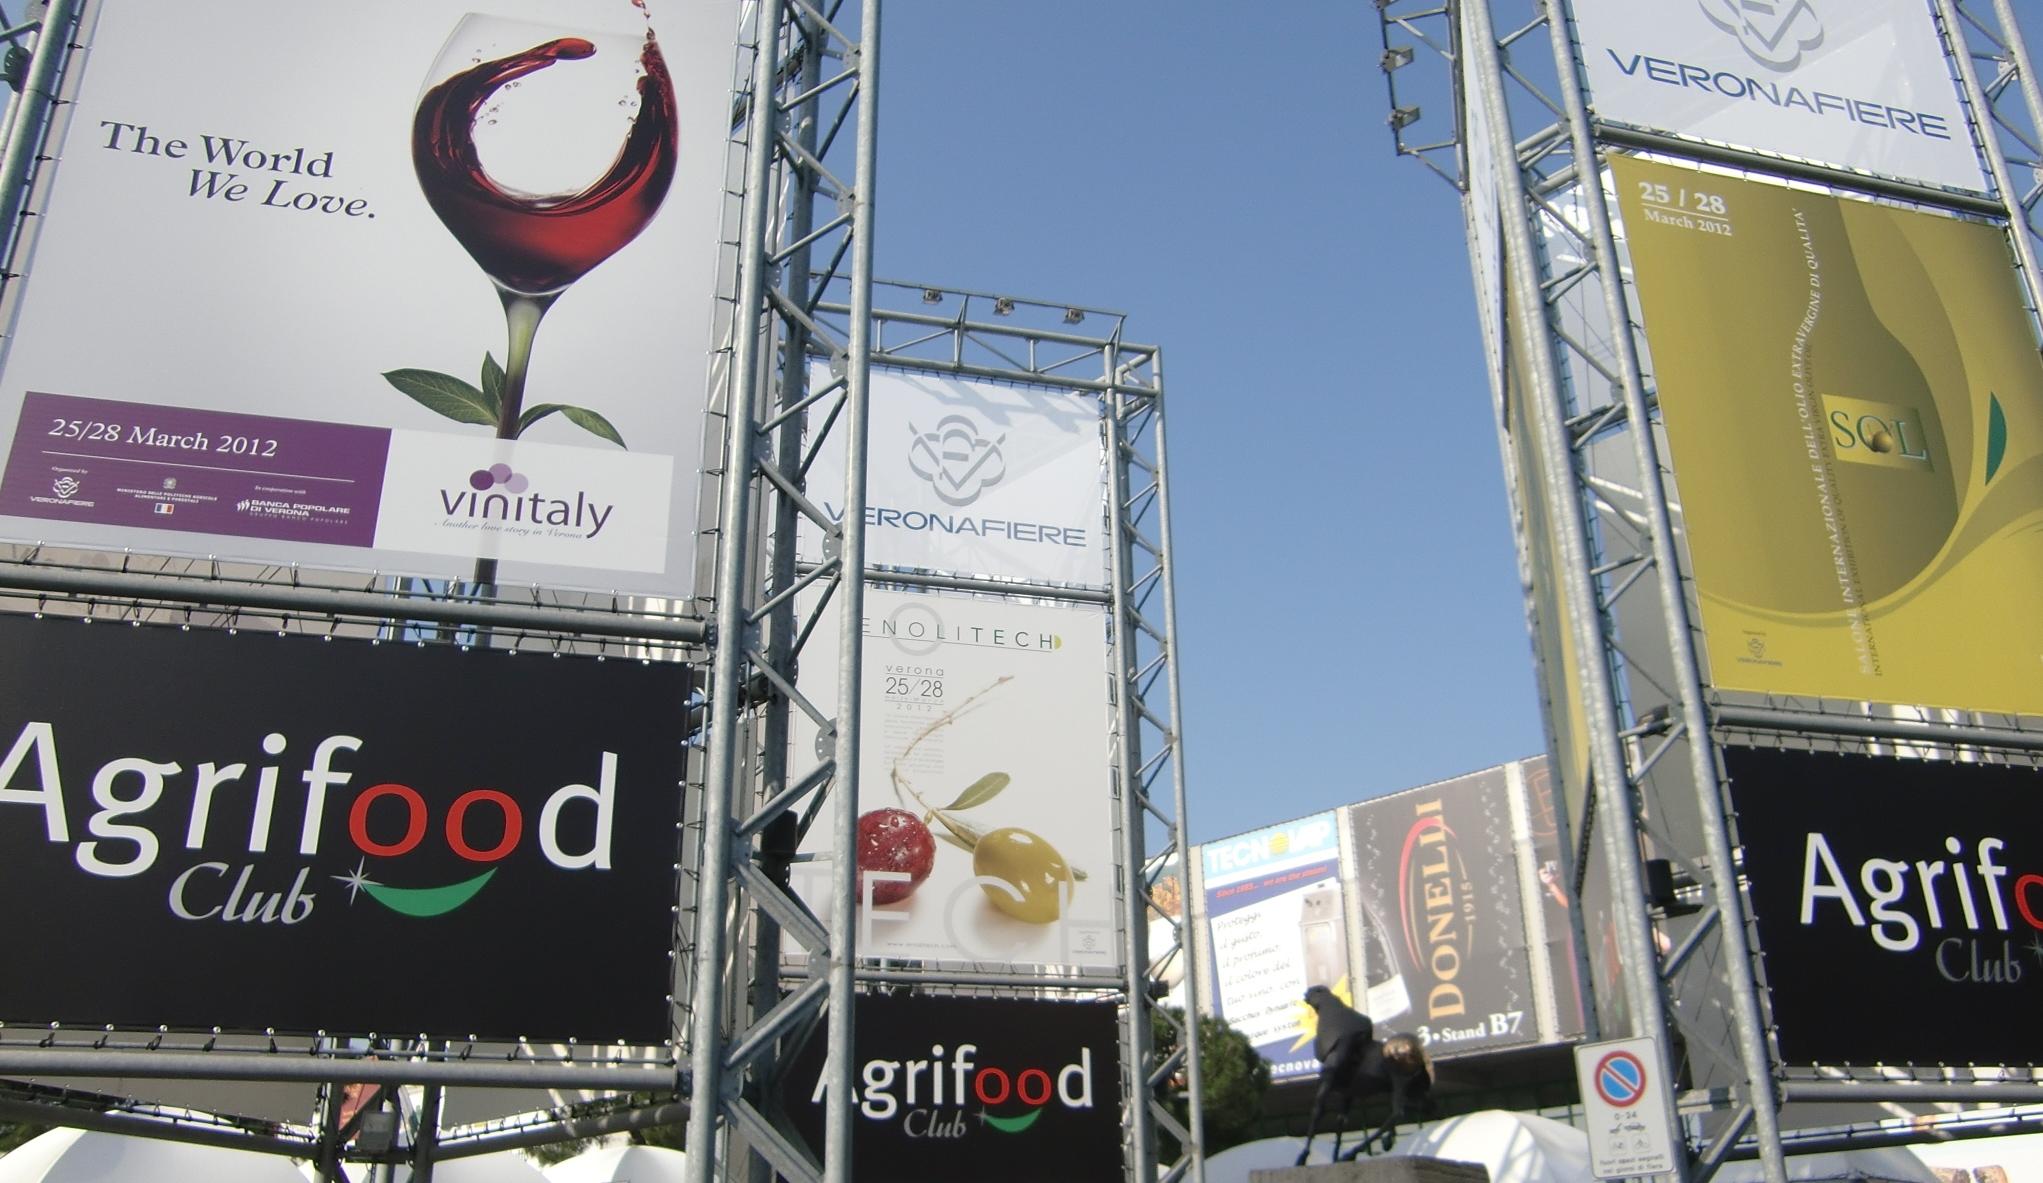 Il marketing per eventi si vede qui negli affissi per la fiera Vinitaly e le sue esposizioni. Foto Katrin Walter.